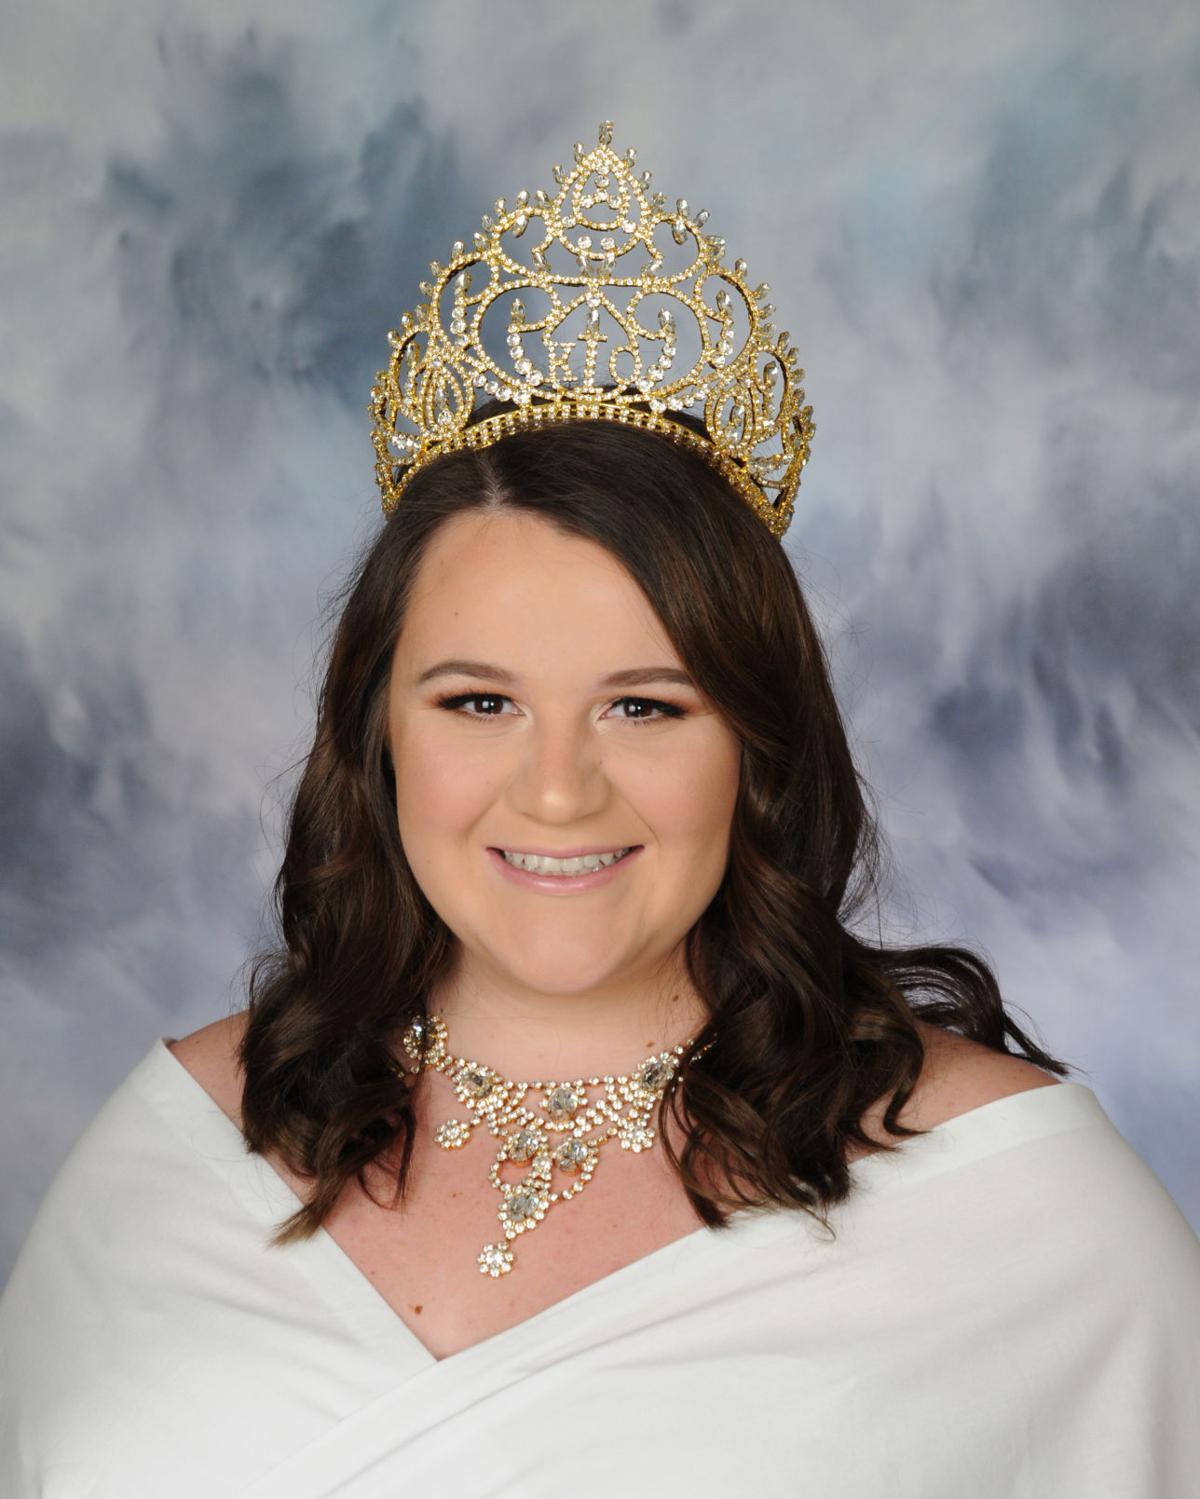 Queen Edgens, Heather.jpg (copy)